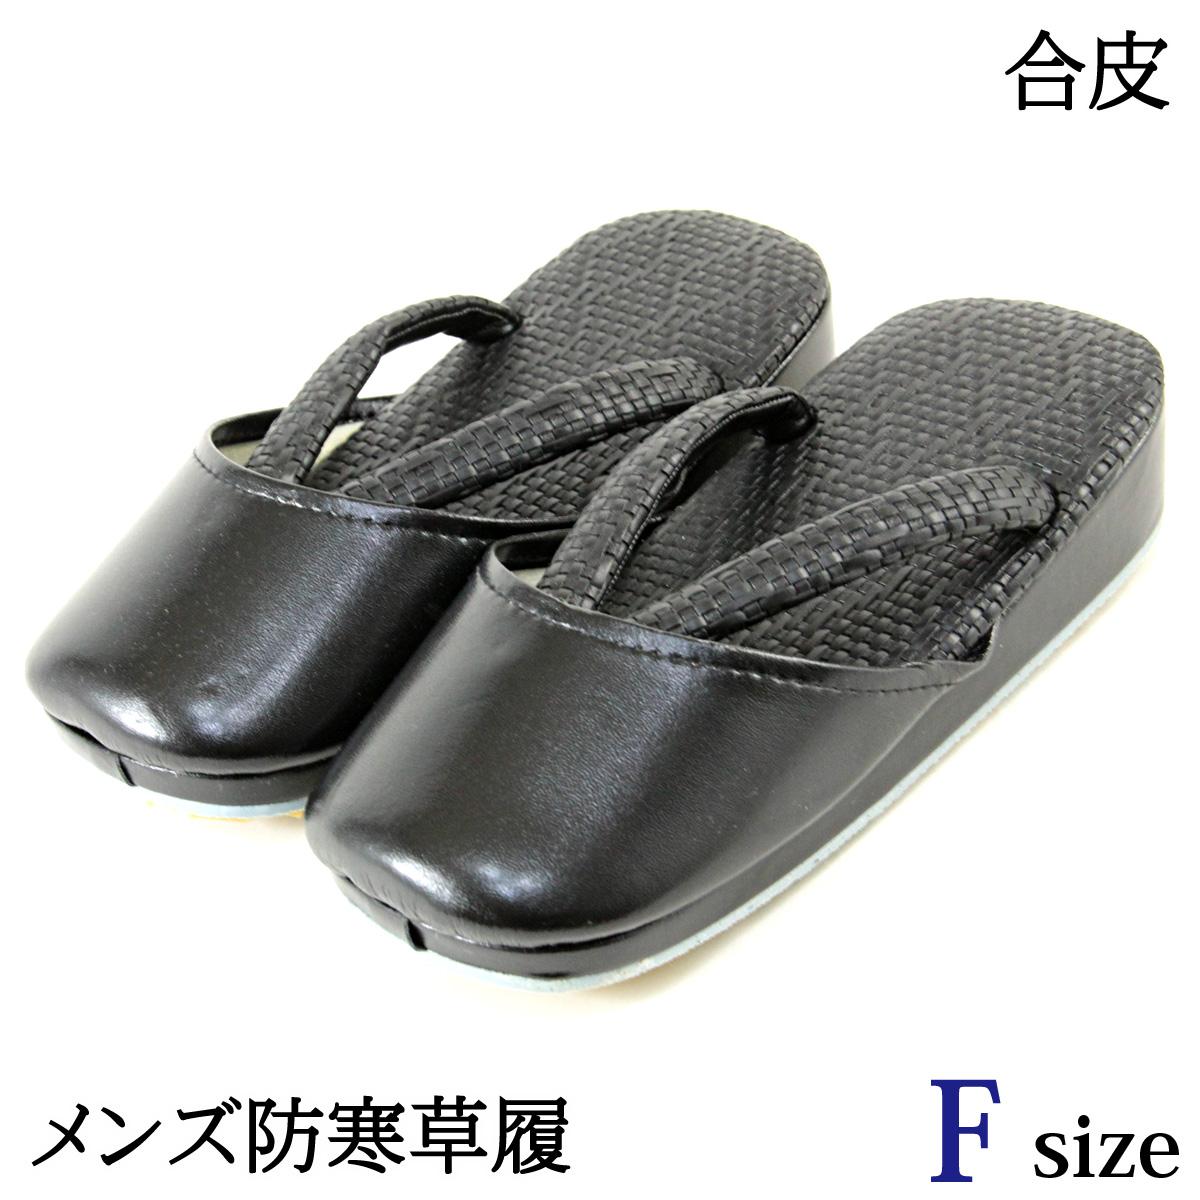 防寒草履 メンズ -53- 合成皮革 Free Size 黒 メッシュ